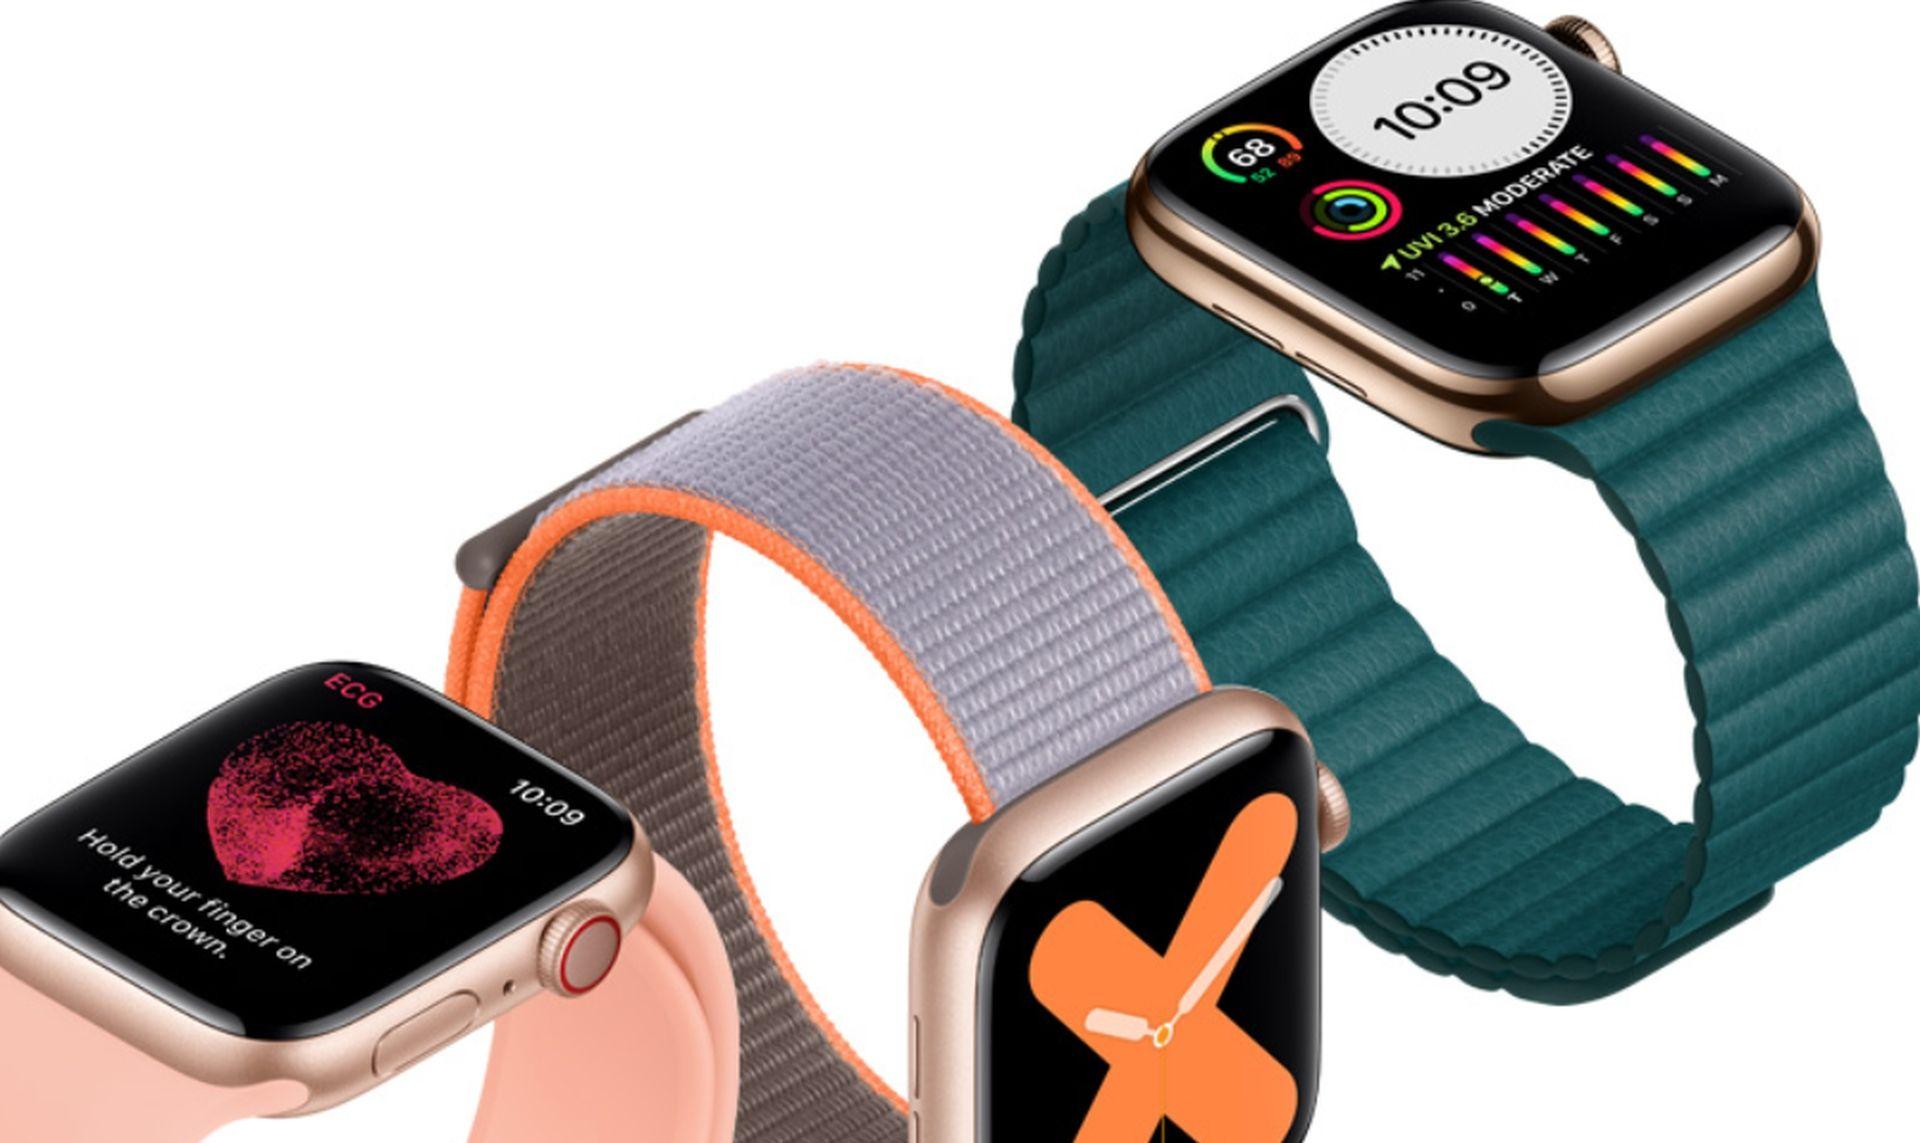 Możliwe dodanie przez Apple wzmocnionej wersji zegarka Apple Watch